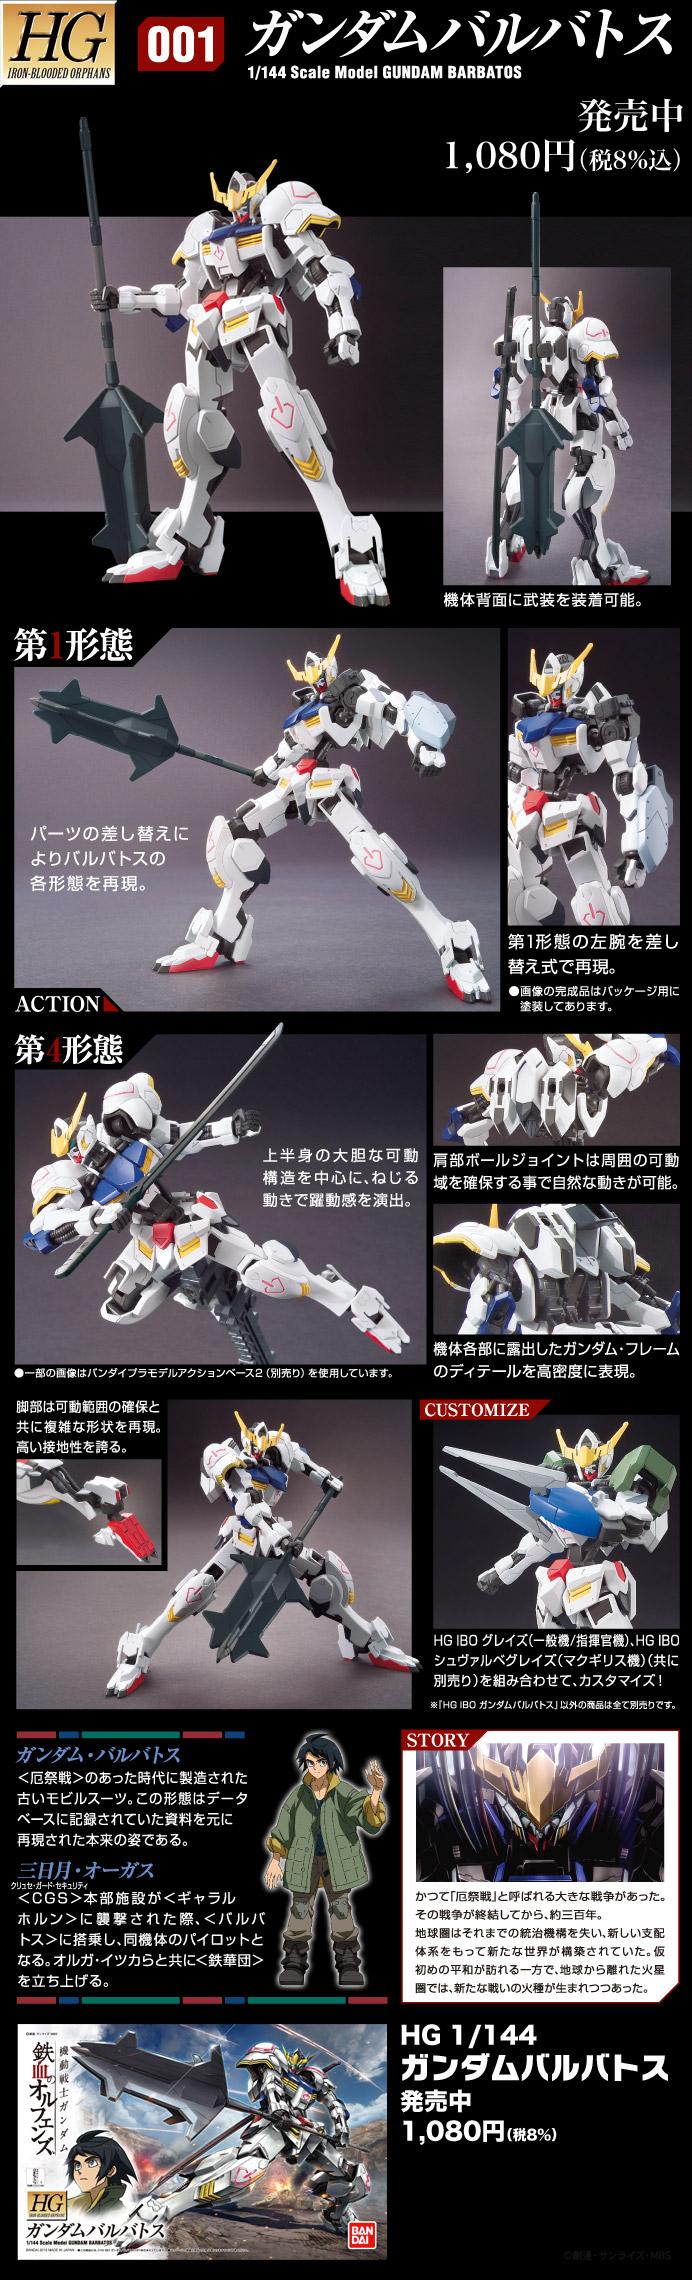 HG 1/144 ASW-G-08 ガンダムバルバトス [Gundam Barbatos] 公式商品説明(画像)